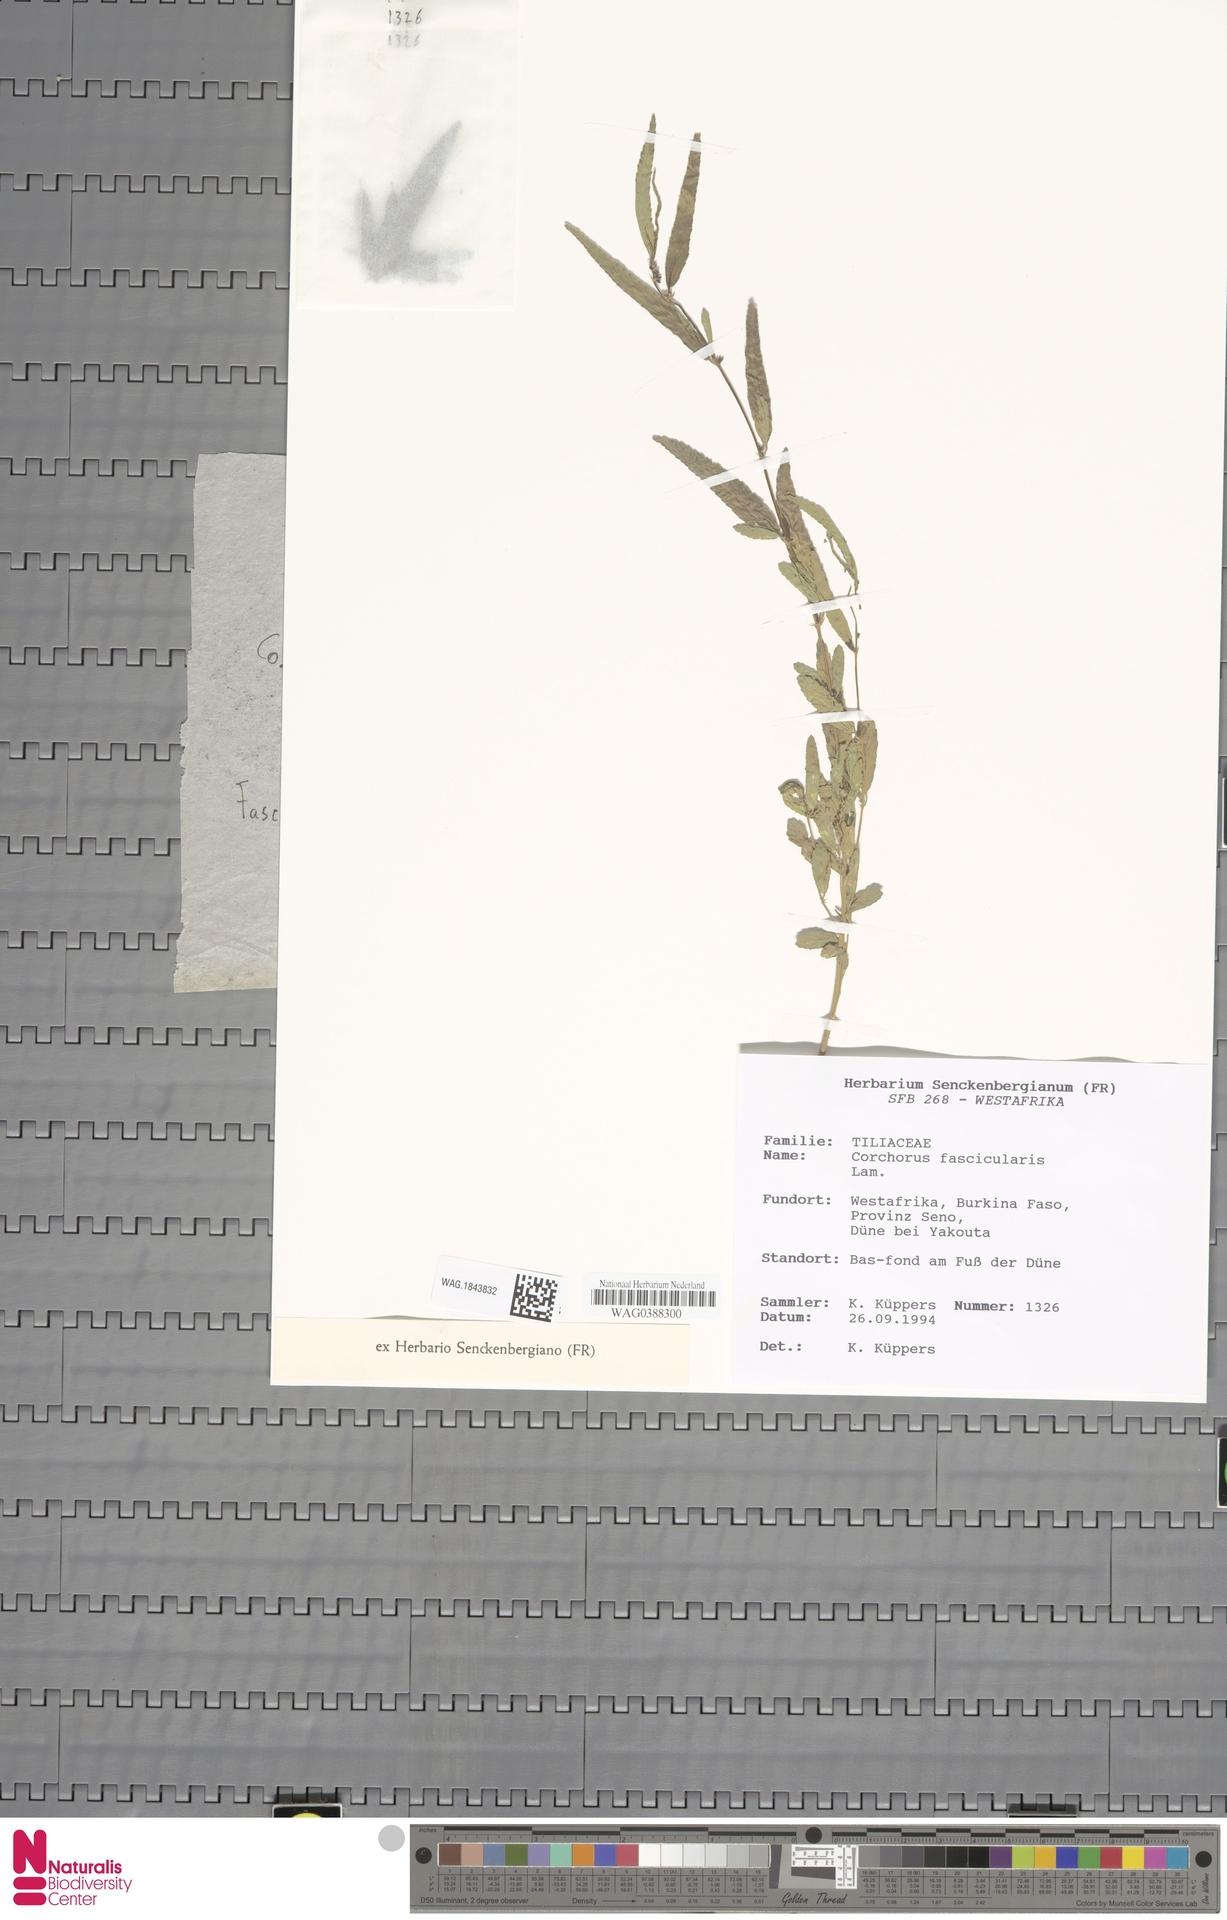 WAG.1843832 | Corchorus fascicularis Lam.